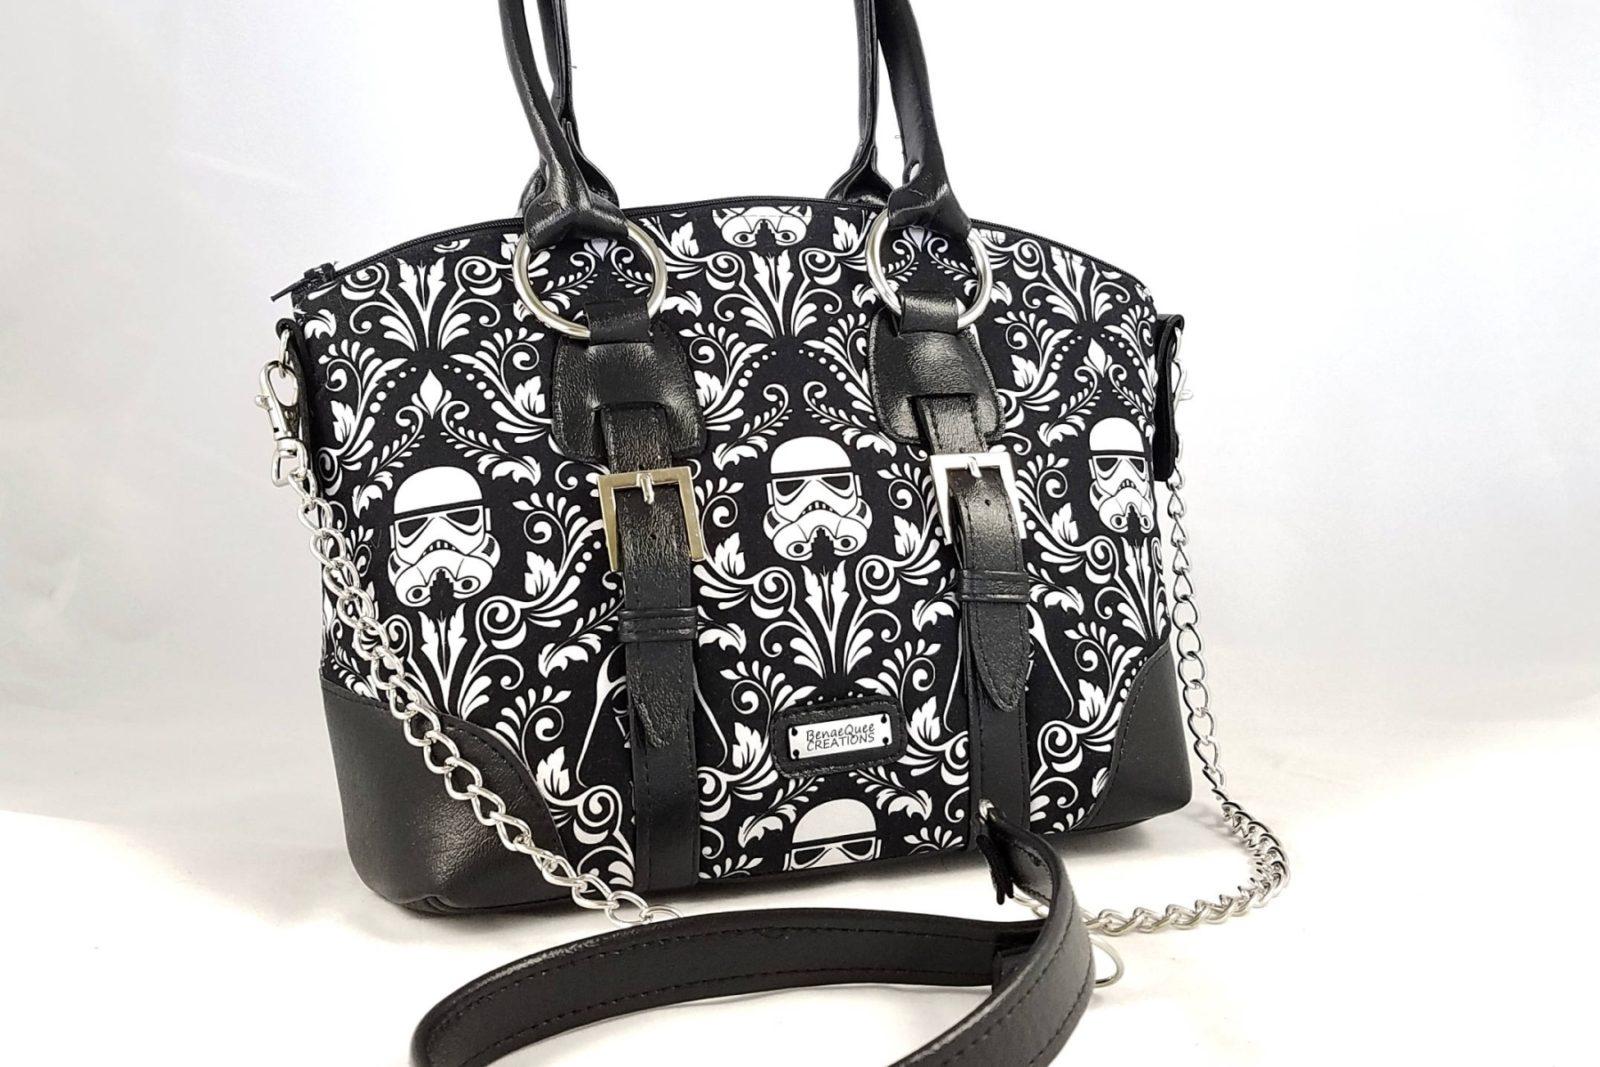 Stormtrooper Handbag by BenaeQuee Creations